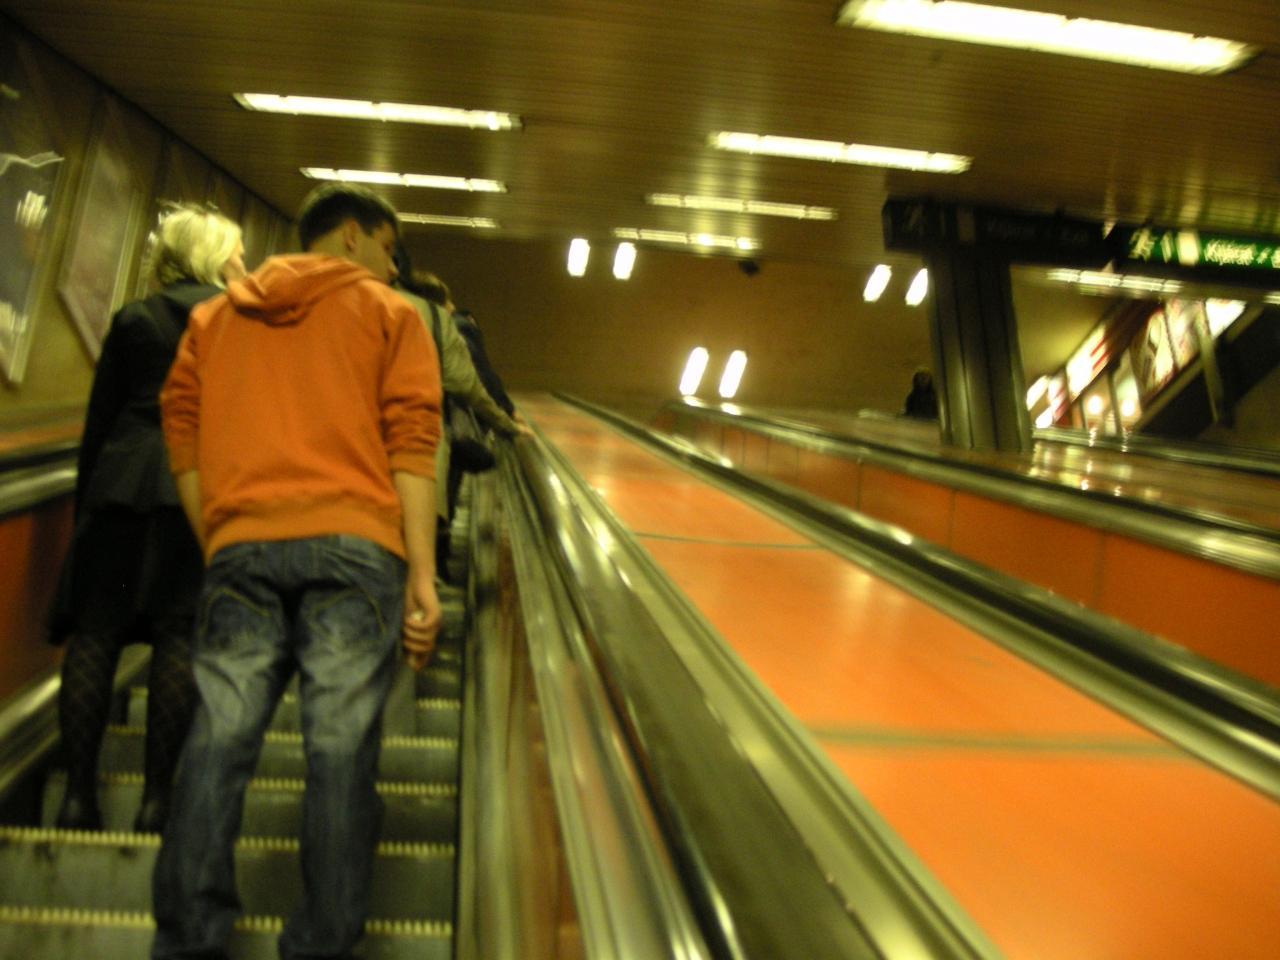 ブダペスト地下鉄の画像 p1_17